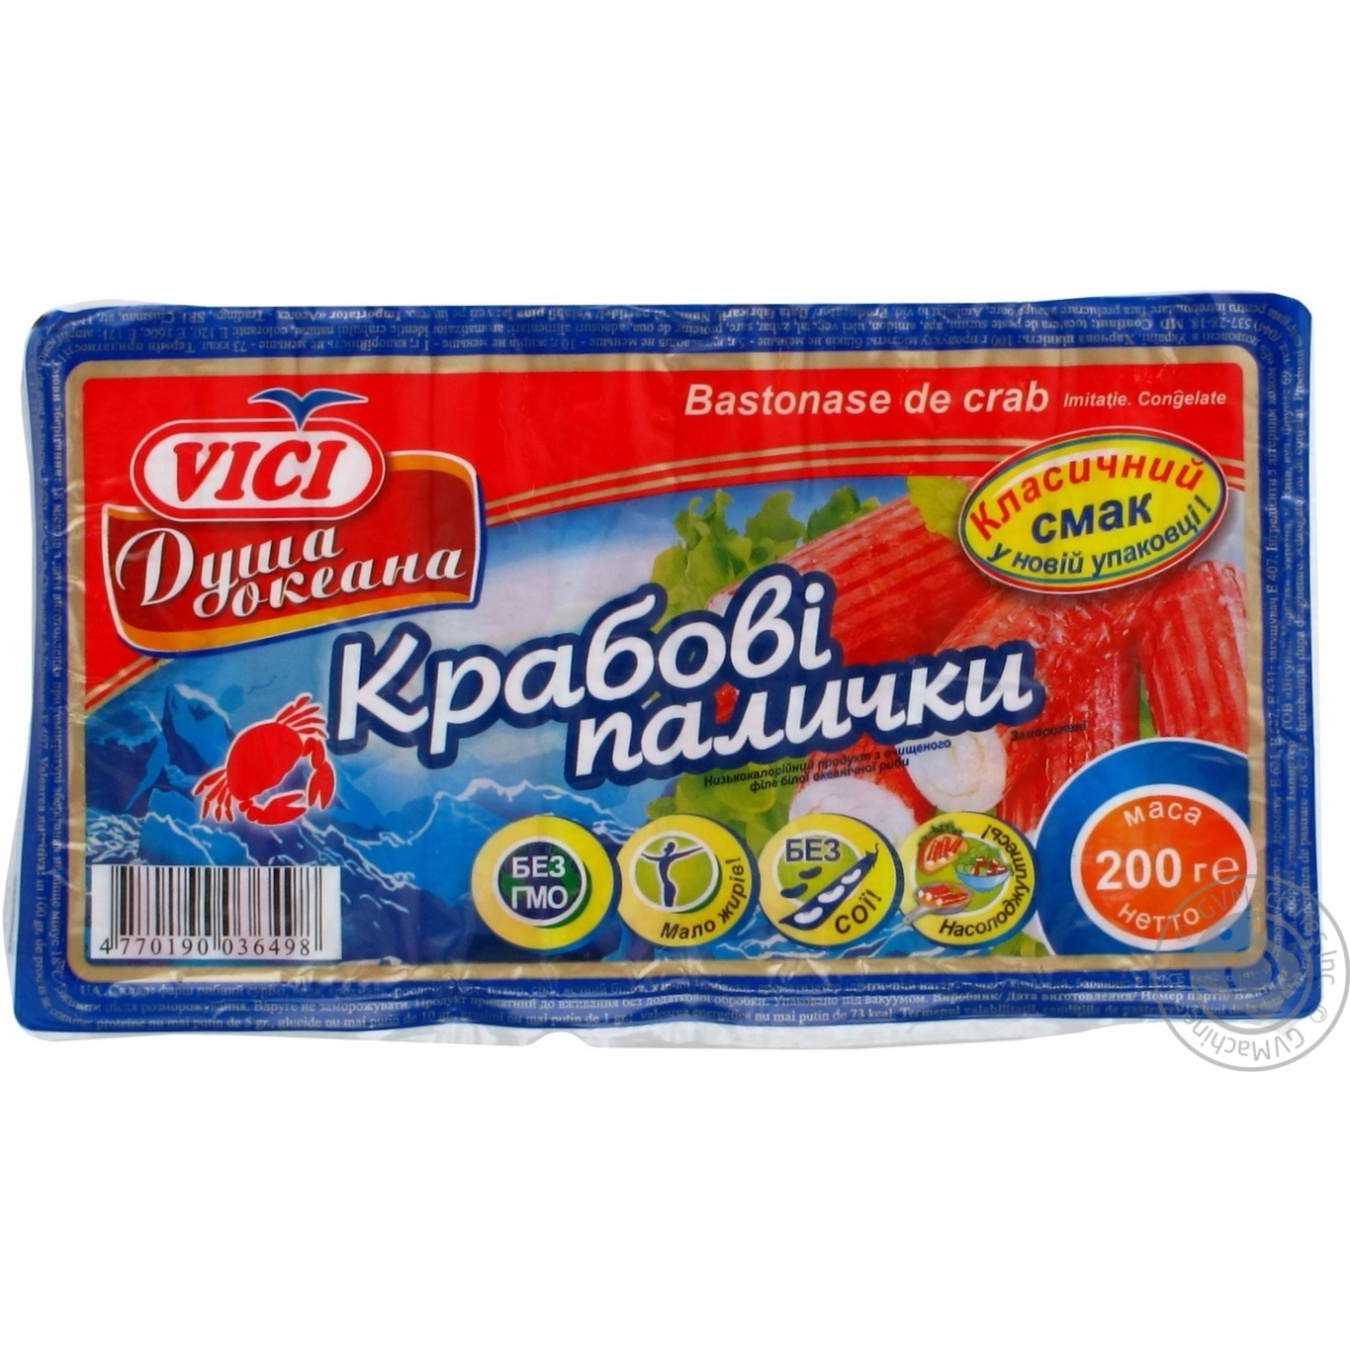 Украина готовится отреагировать на введение РФ эмбарго: мы не можем допустить, чтобы наши компании страдали от импорта из России - Минэкономразвития - Цензор.НЕТ 6419